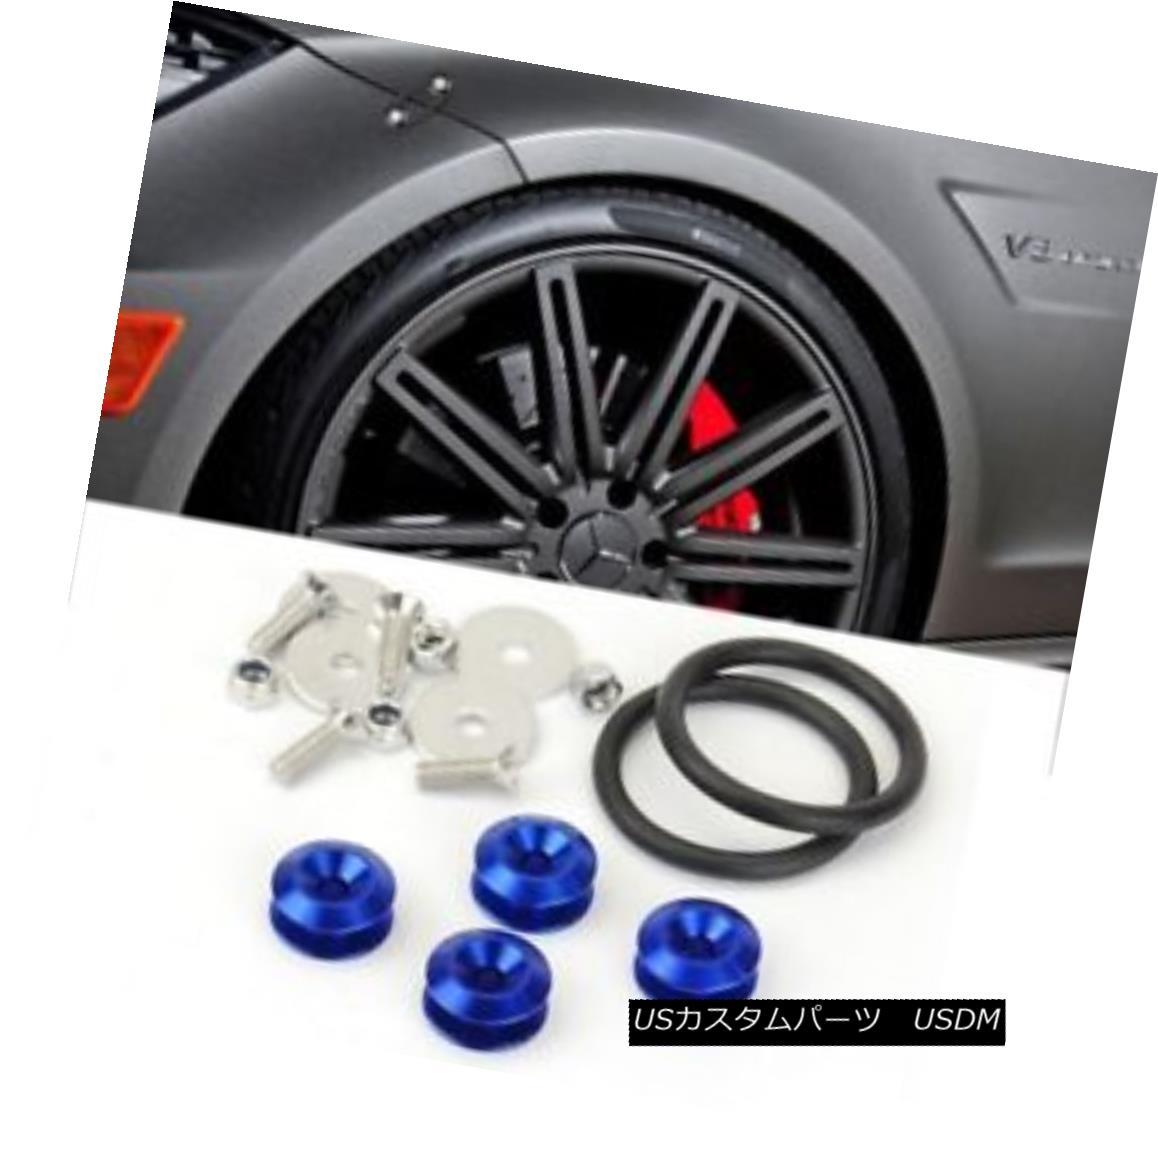 エアロパーツ Blue Bolt on Fast Quick Release Secure Kit For Subaru Front Rear Bumper Lip 青いボルトは速いクイックリリースでスバルフロントリアバンパーリップ用の安全なキット